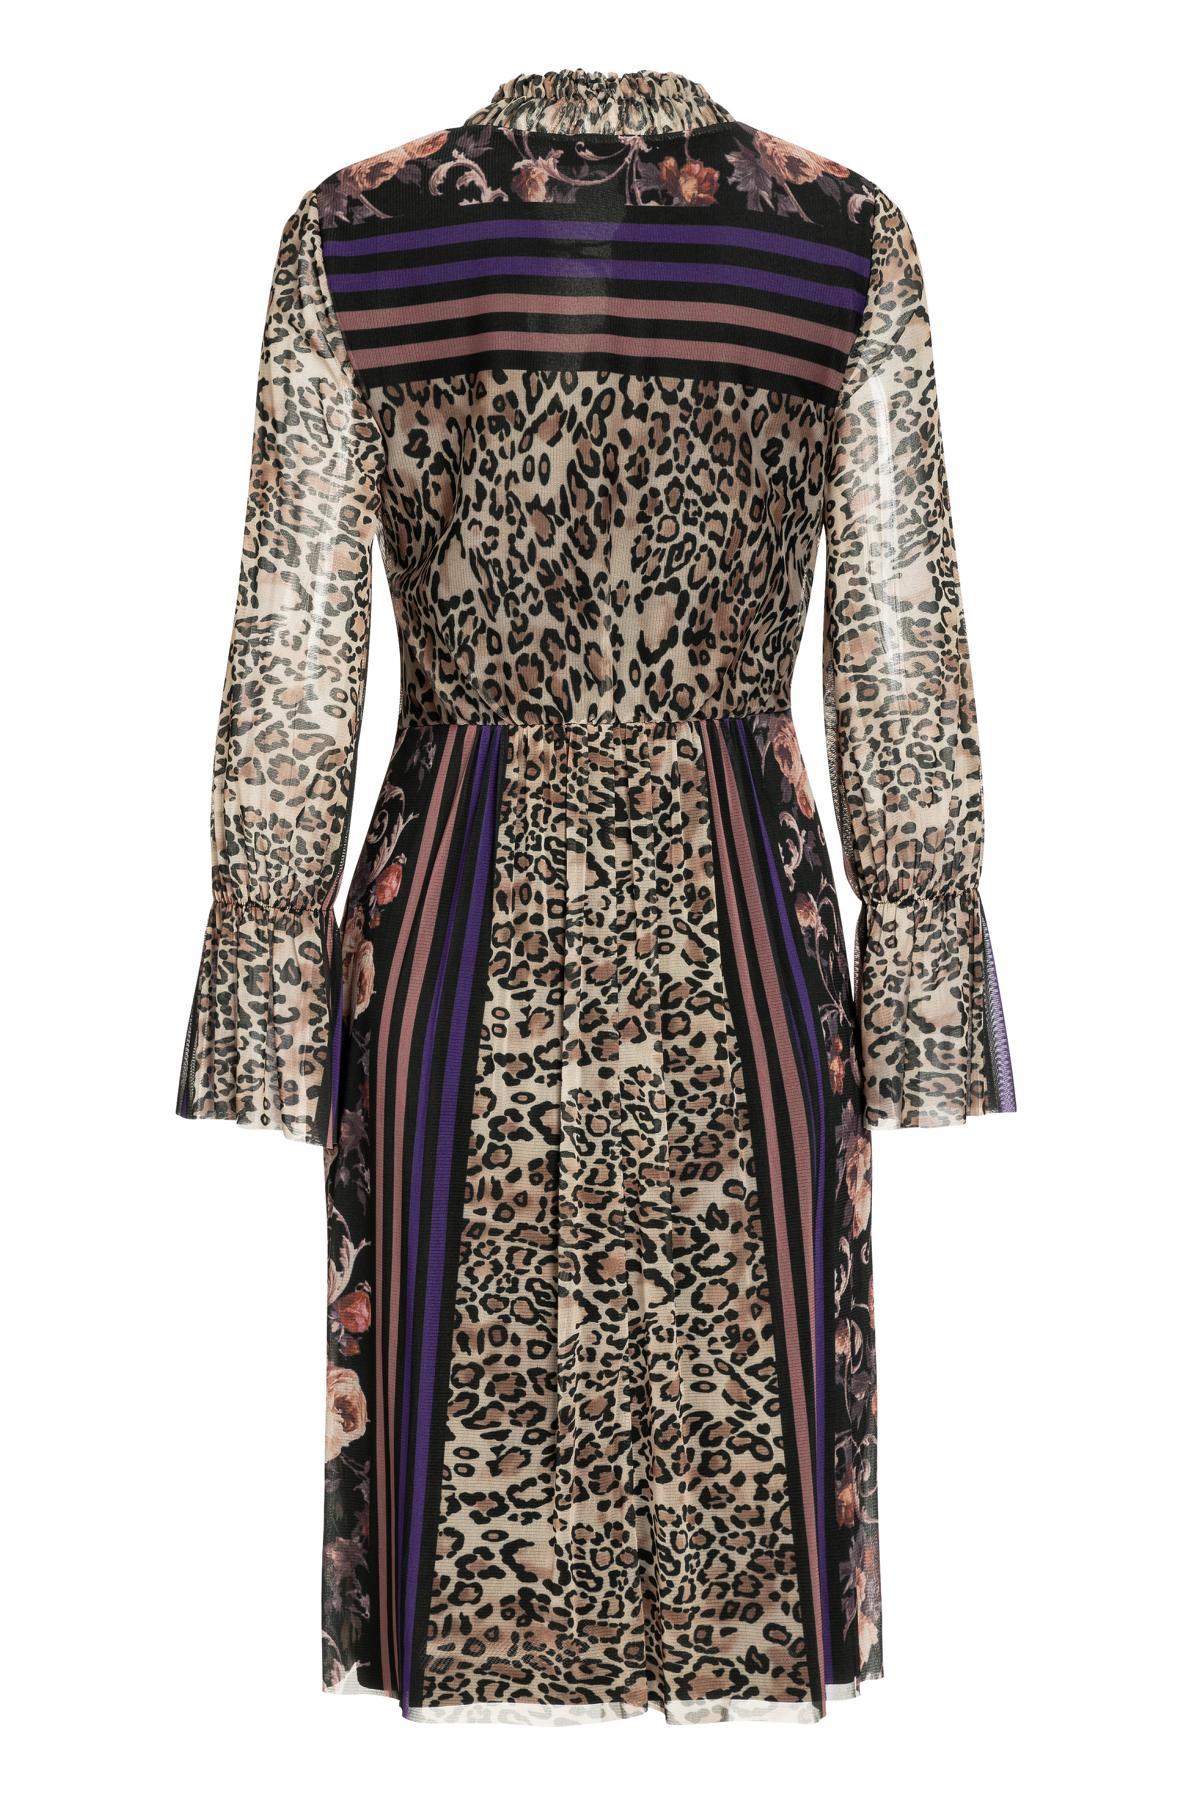 Detailansicht 2 von Ana Alcazar Romantik Kleid Vormaly